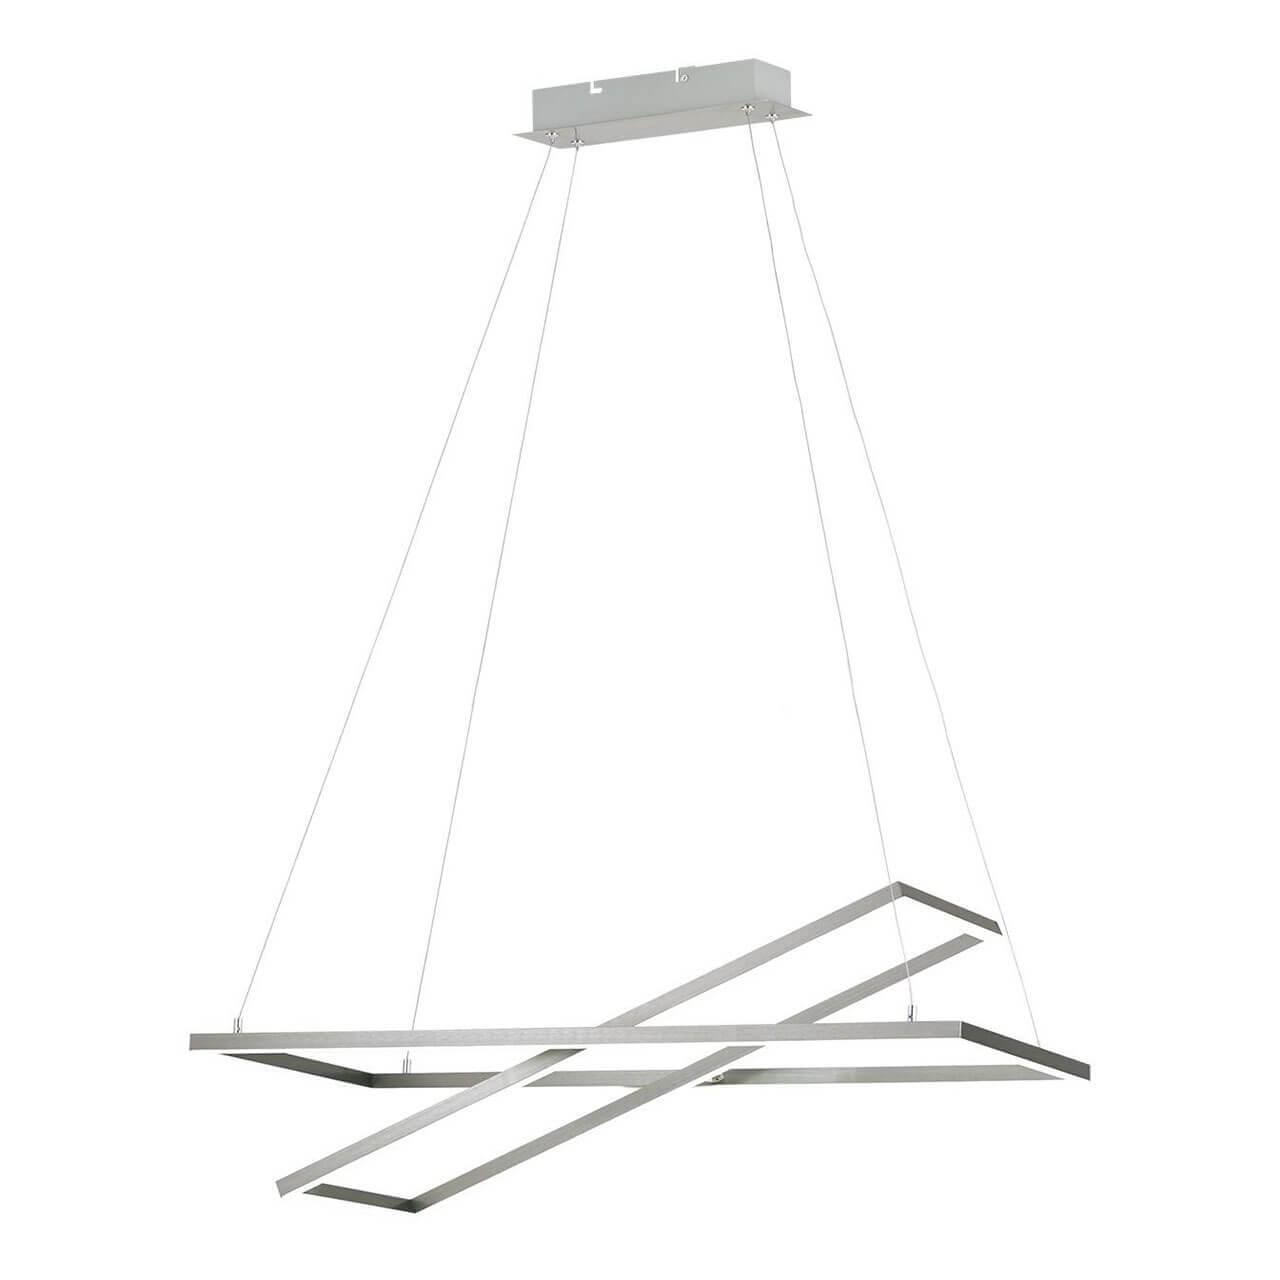 Подвесной светодиодный светильник Eglo Tamasera 96815 подвесной светодиодный светильник eglo tamasera 96816